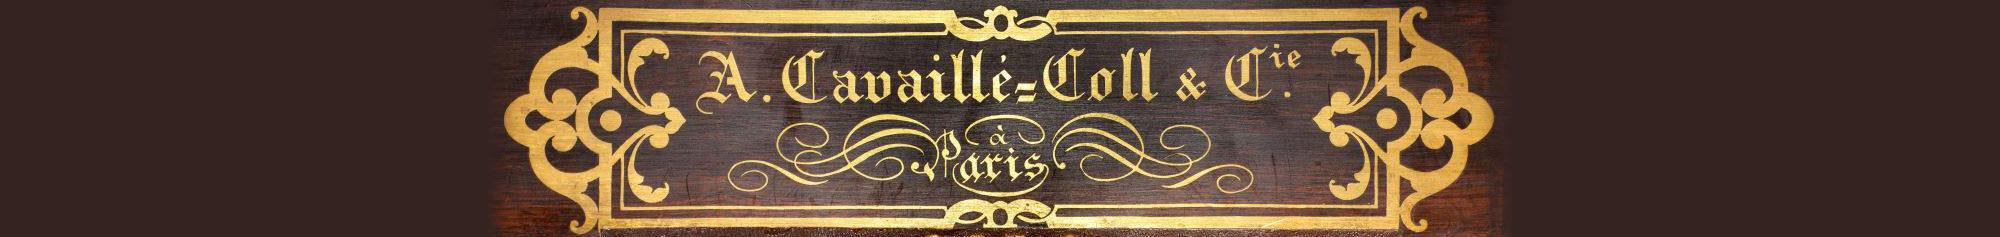 Association pour le rayonnement des orgues Aristide Cavaillé-Coll de l'église Saint-Sulpice (Paris)